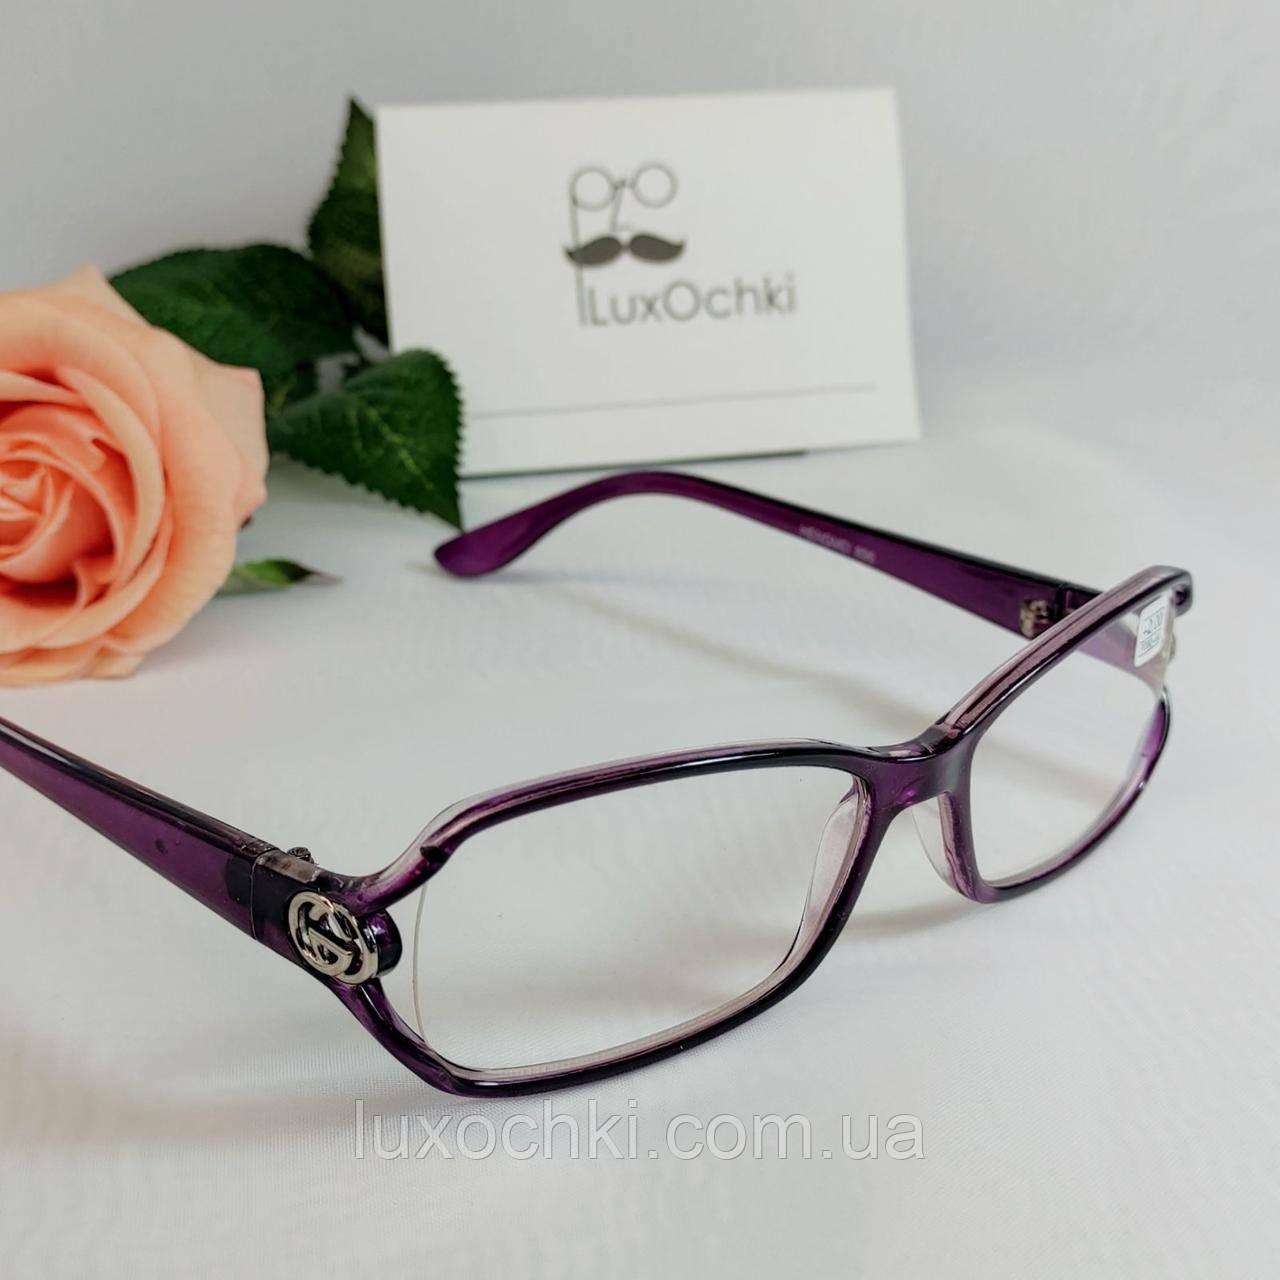 +1.0 Готовые диоптрические женские очки +1.0 в пластиковой оправе